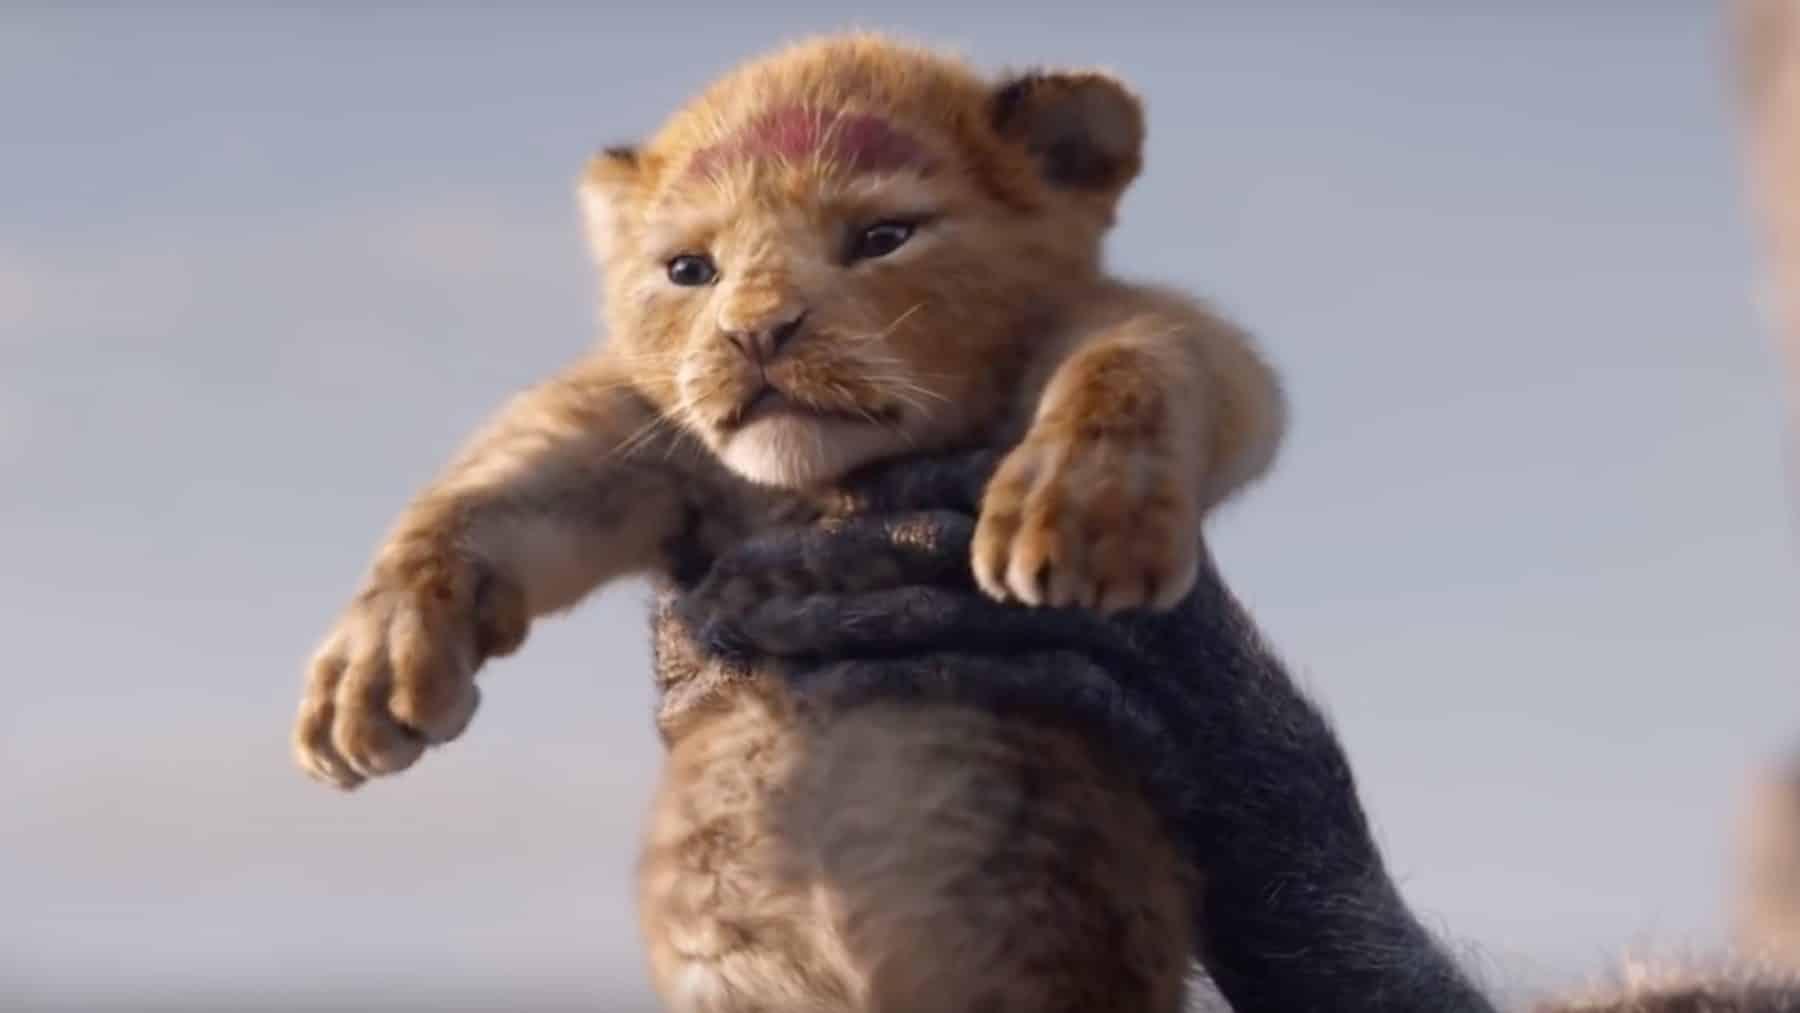 The Lion King libera emocionante tráiler completo de cara a estreno